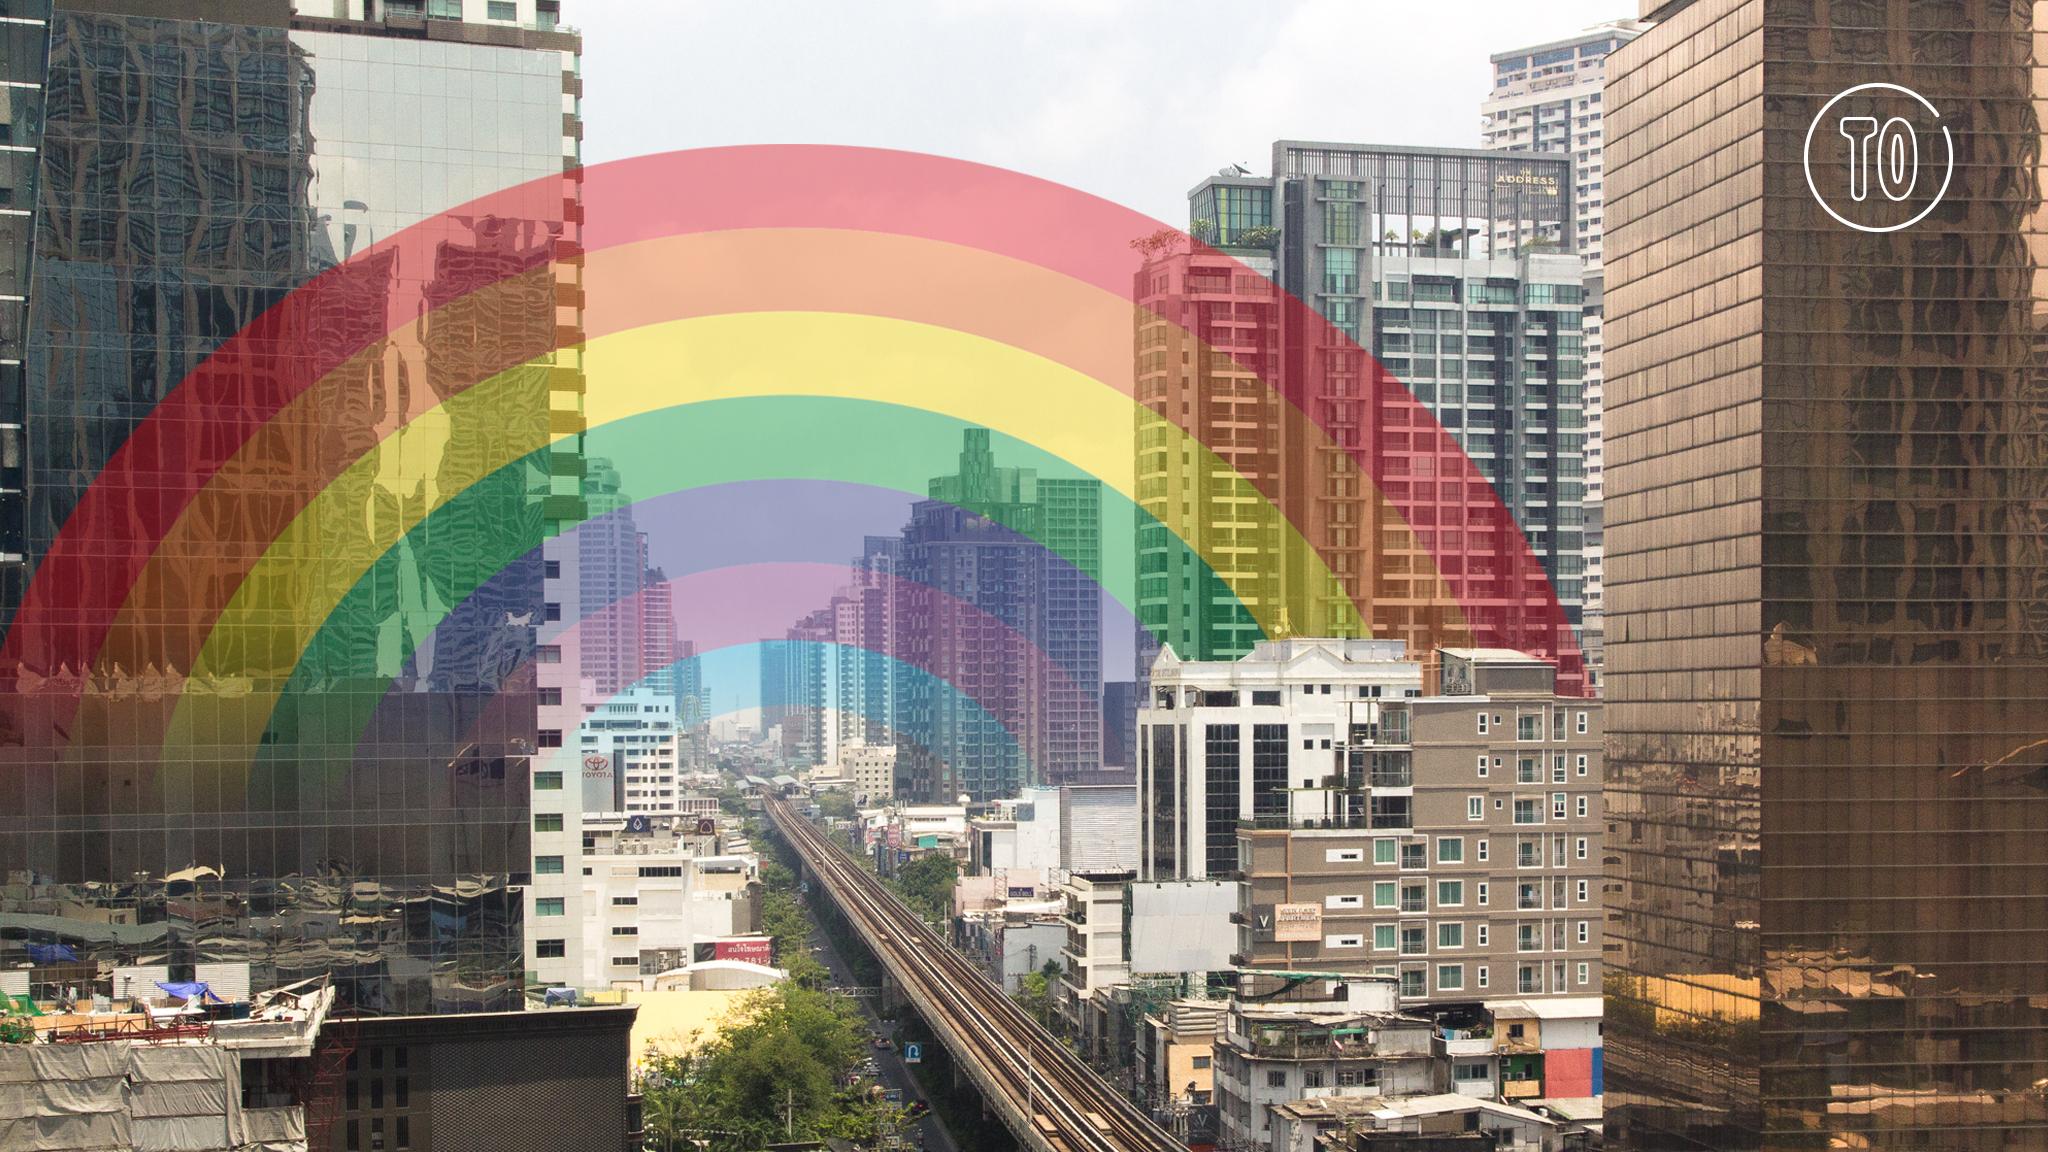 เฉลิมฉลอง Pride Month ด้วยหลากหลายอีเว้นต์สีรุ้งทั่วกรุงเทพฯ